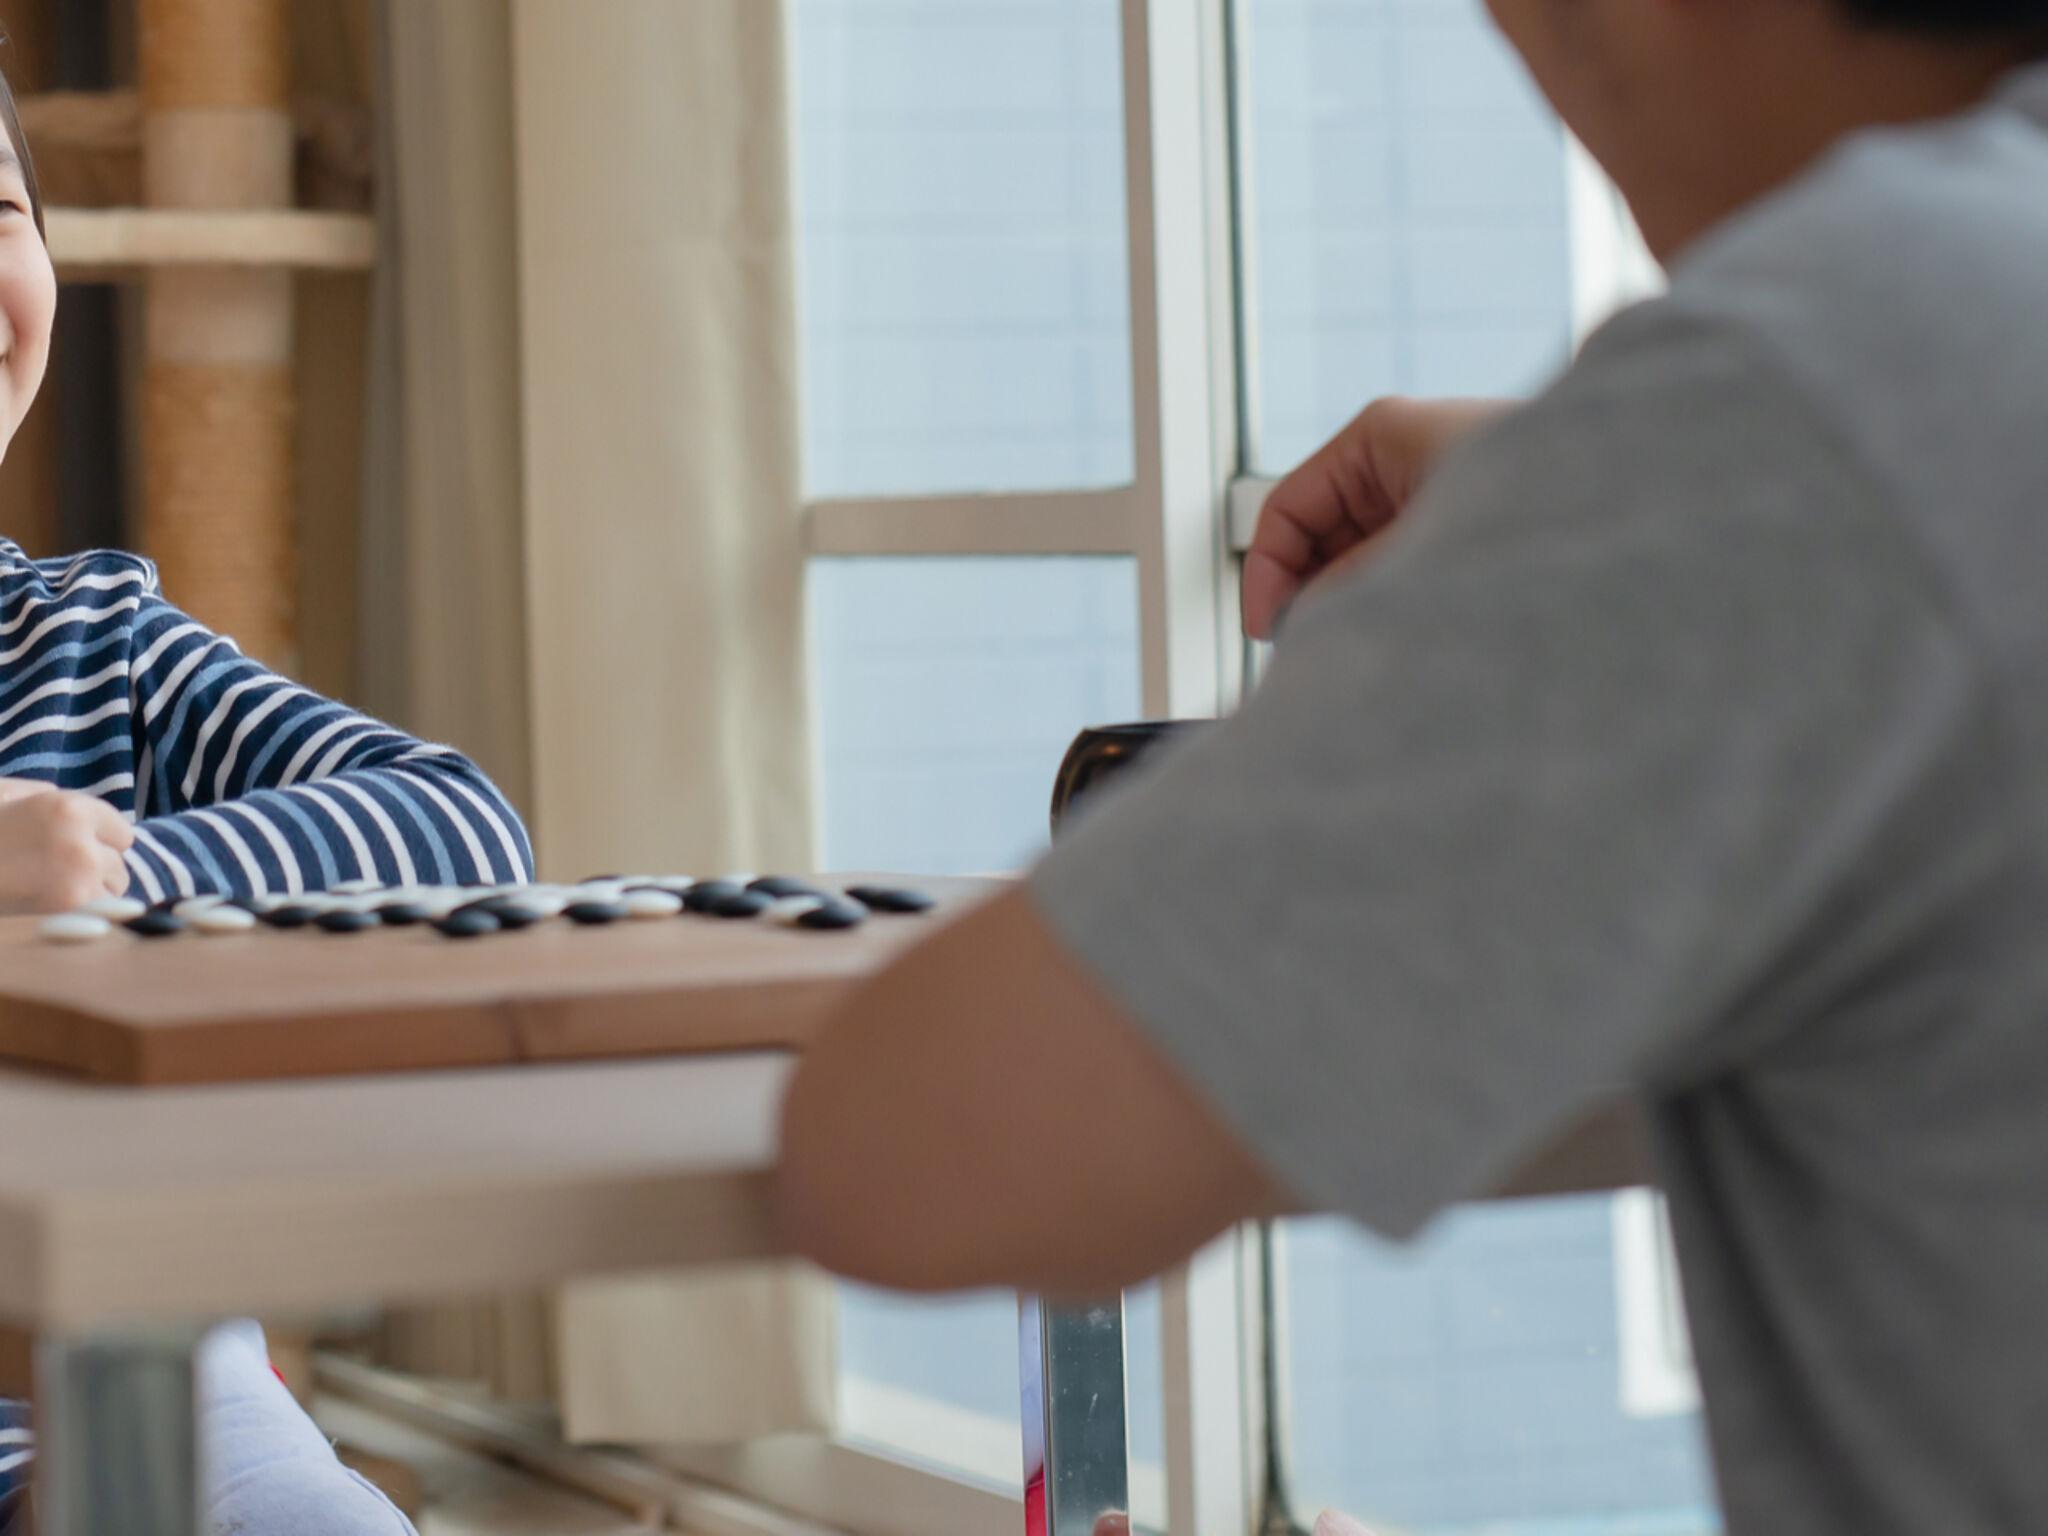 親子で将棋をさしている画像